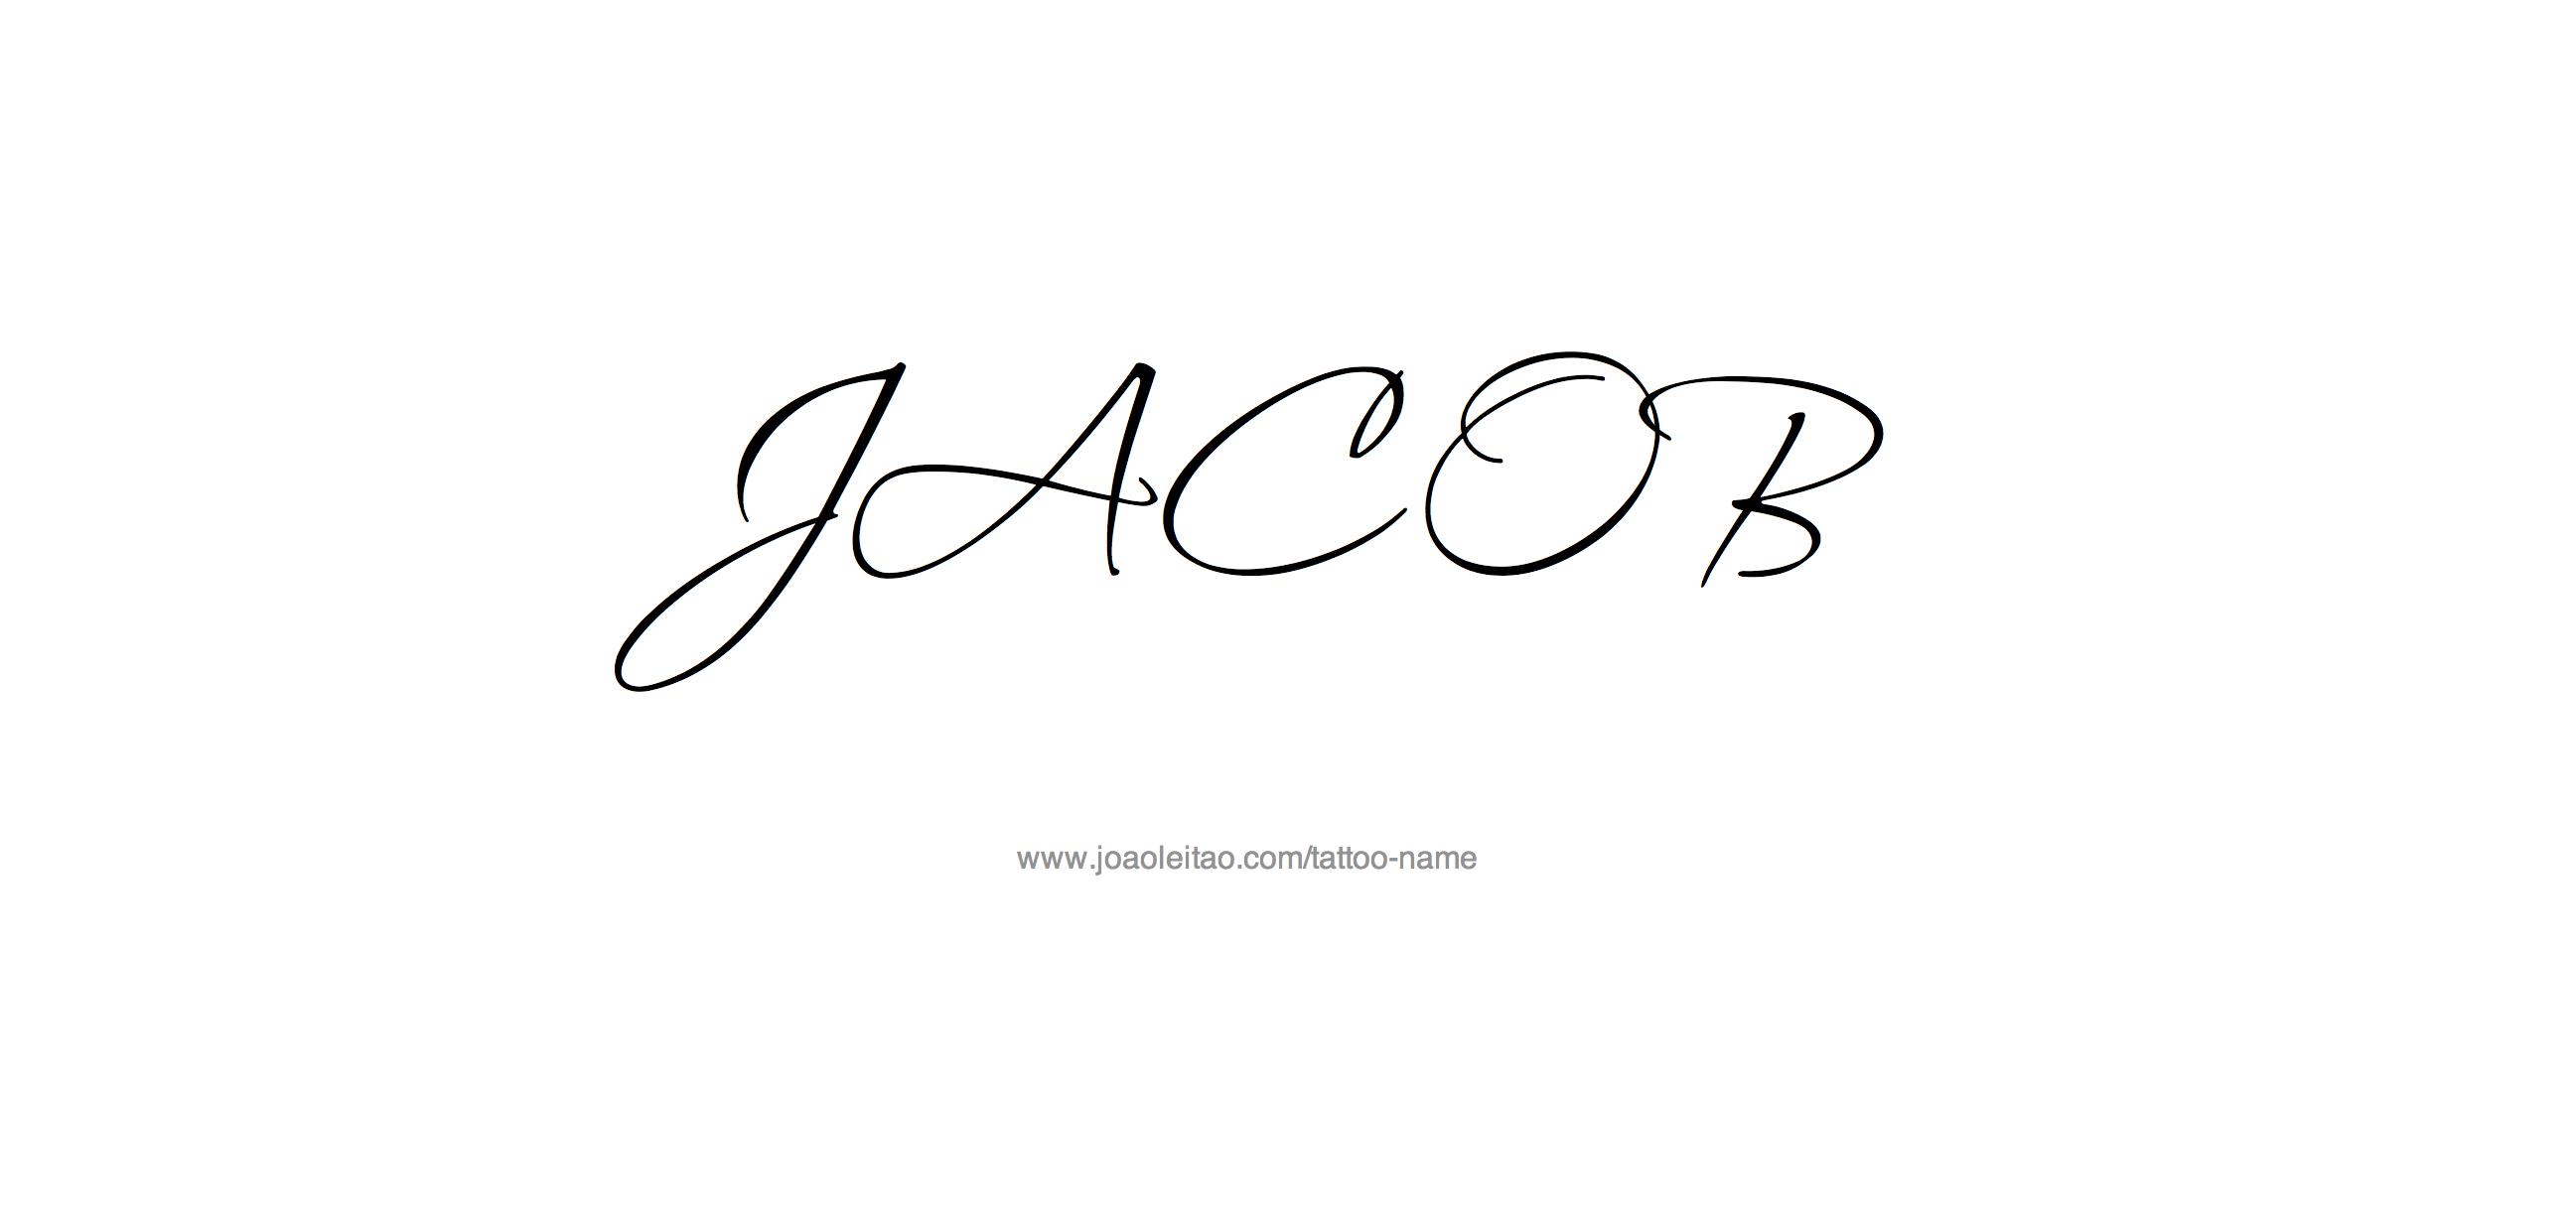 Jacob Name Tattoo